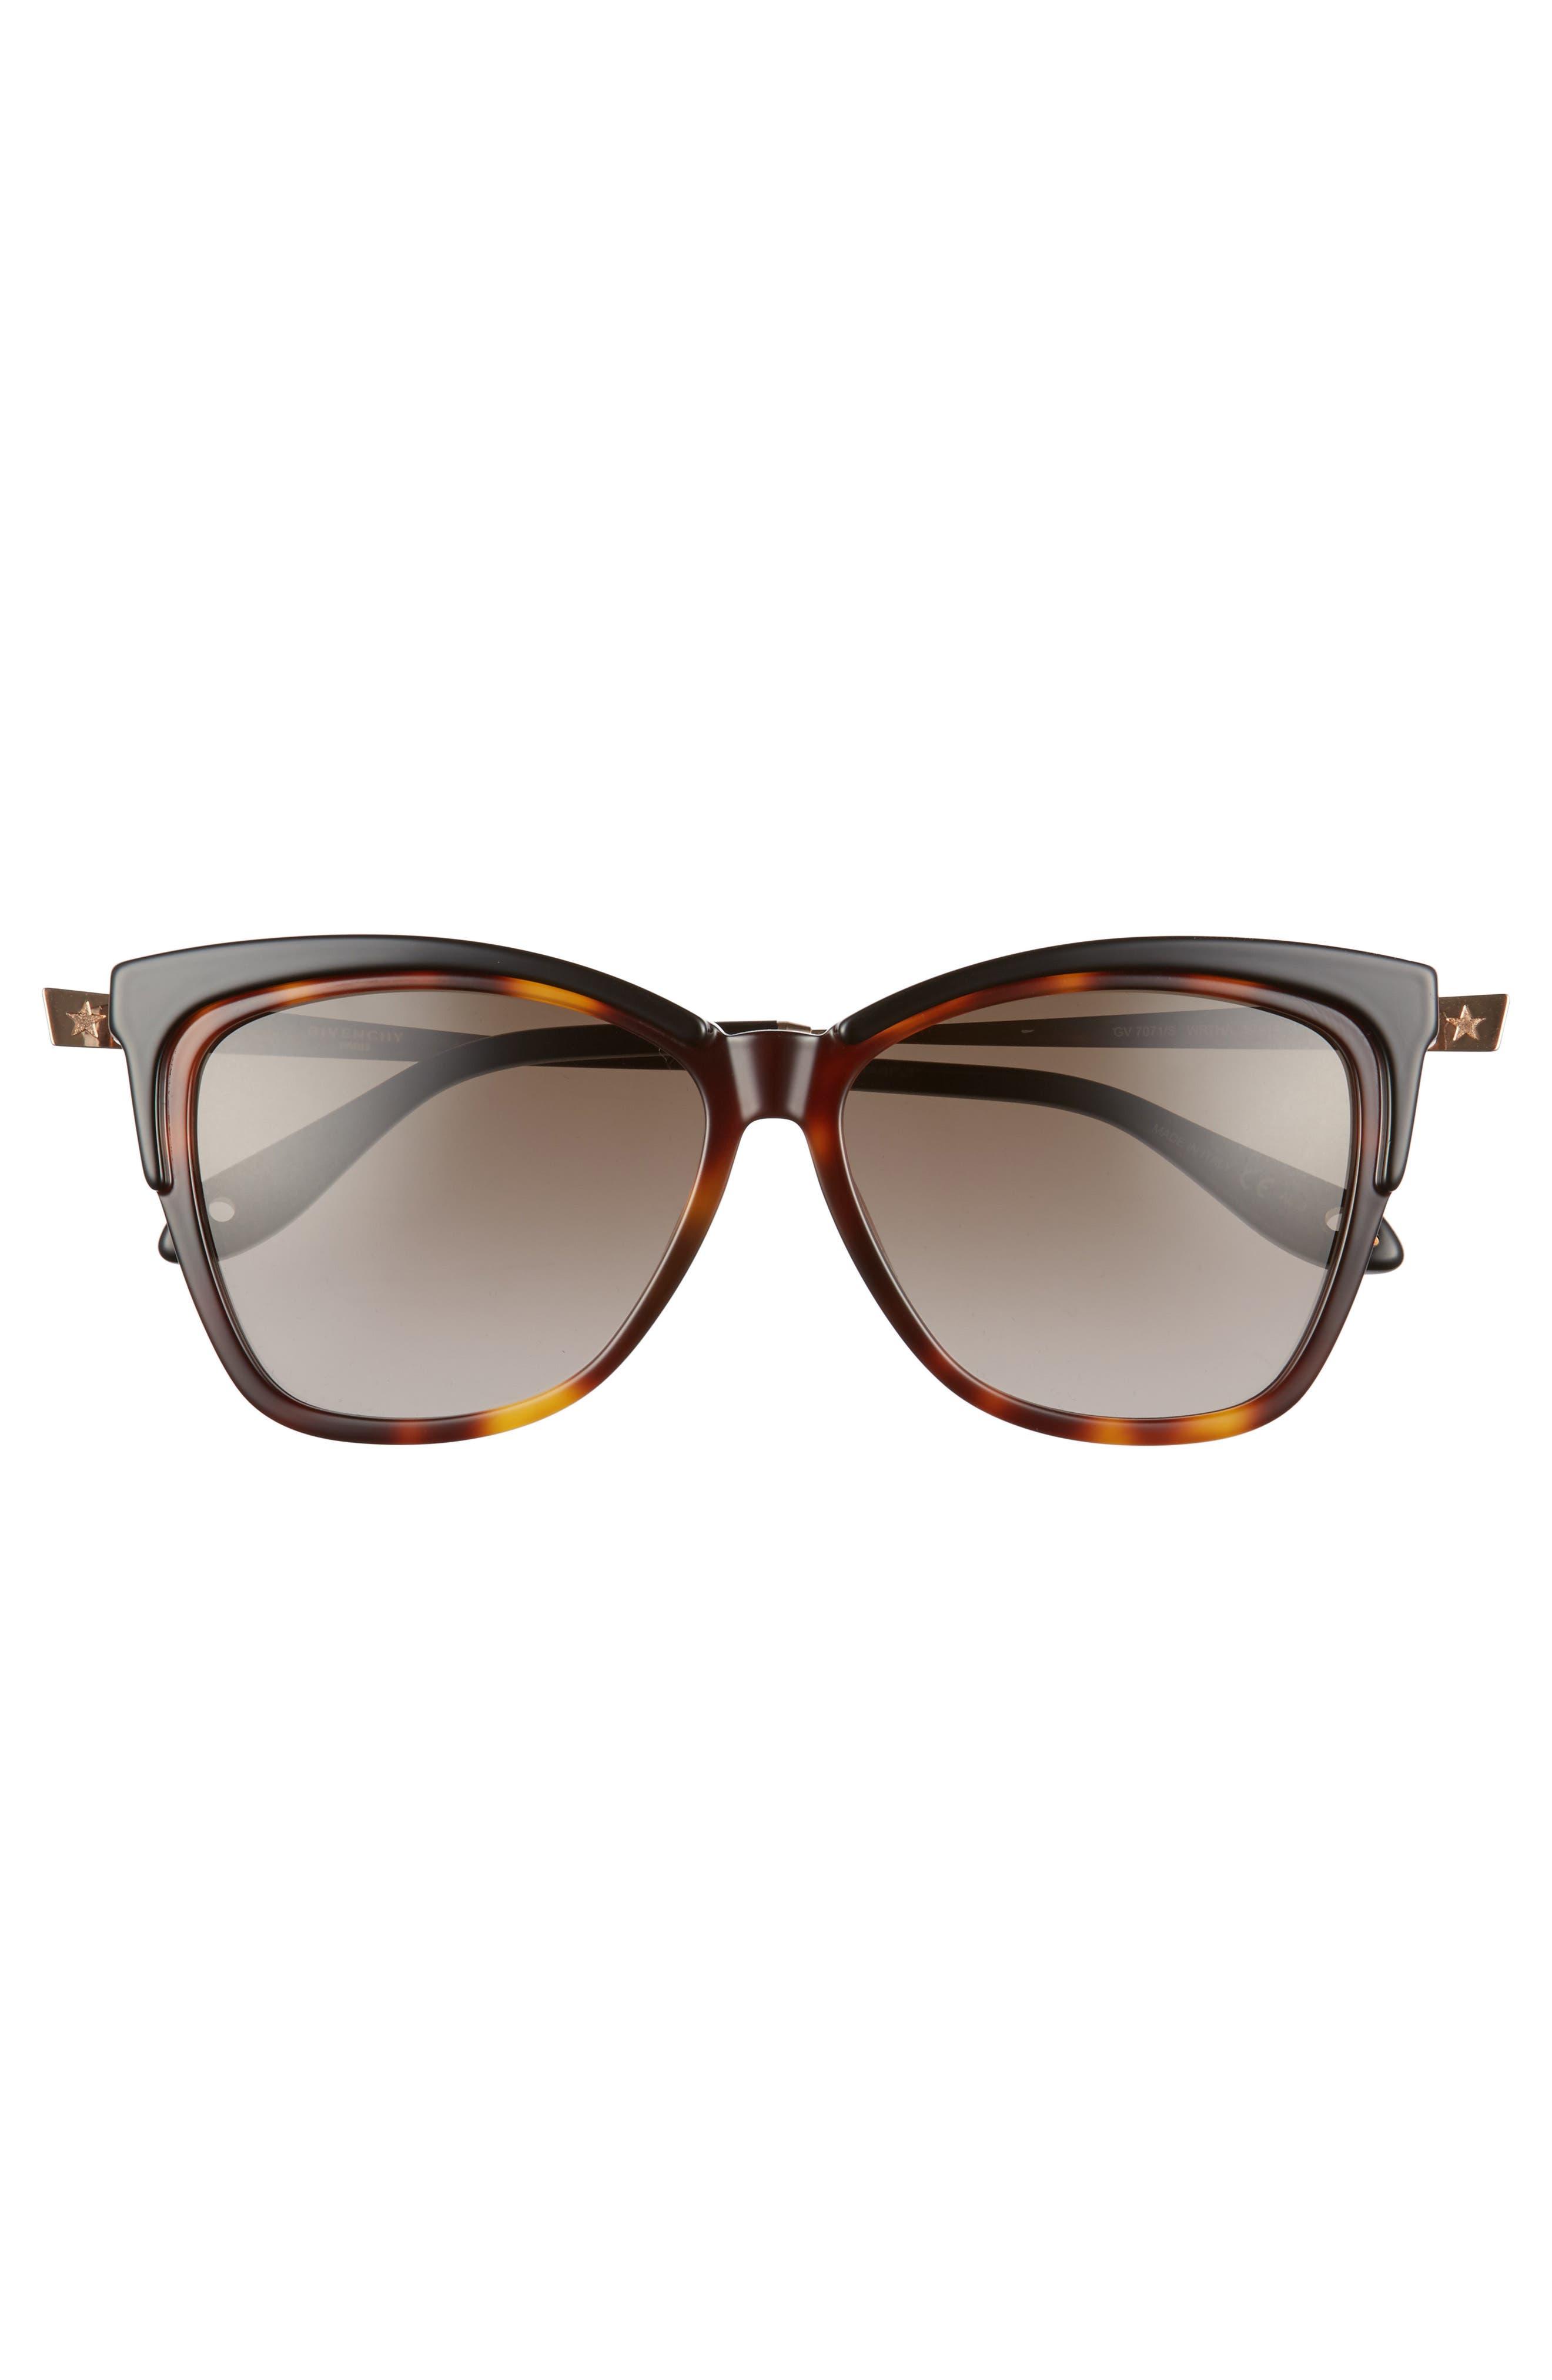 57mm Cat Eye Sunglasses,                             Alternate thumbnail 3, color,                             DARK HAVANA